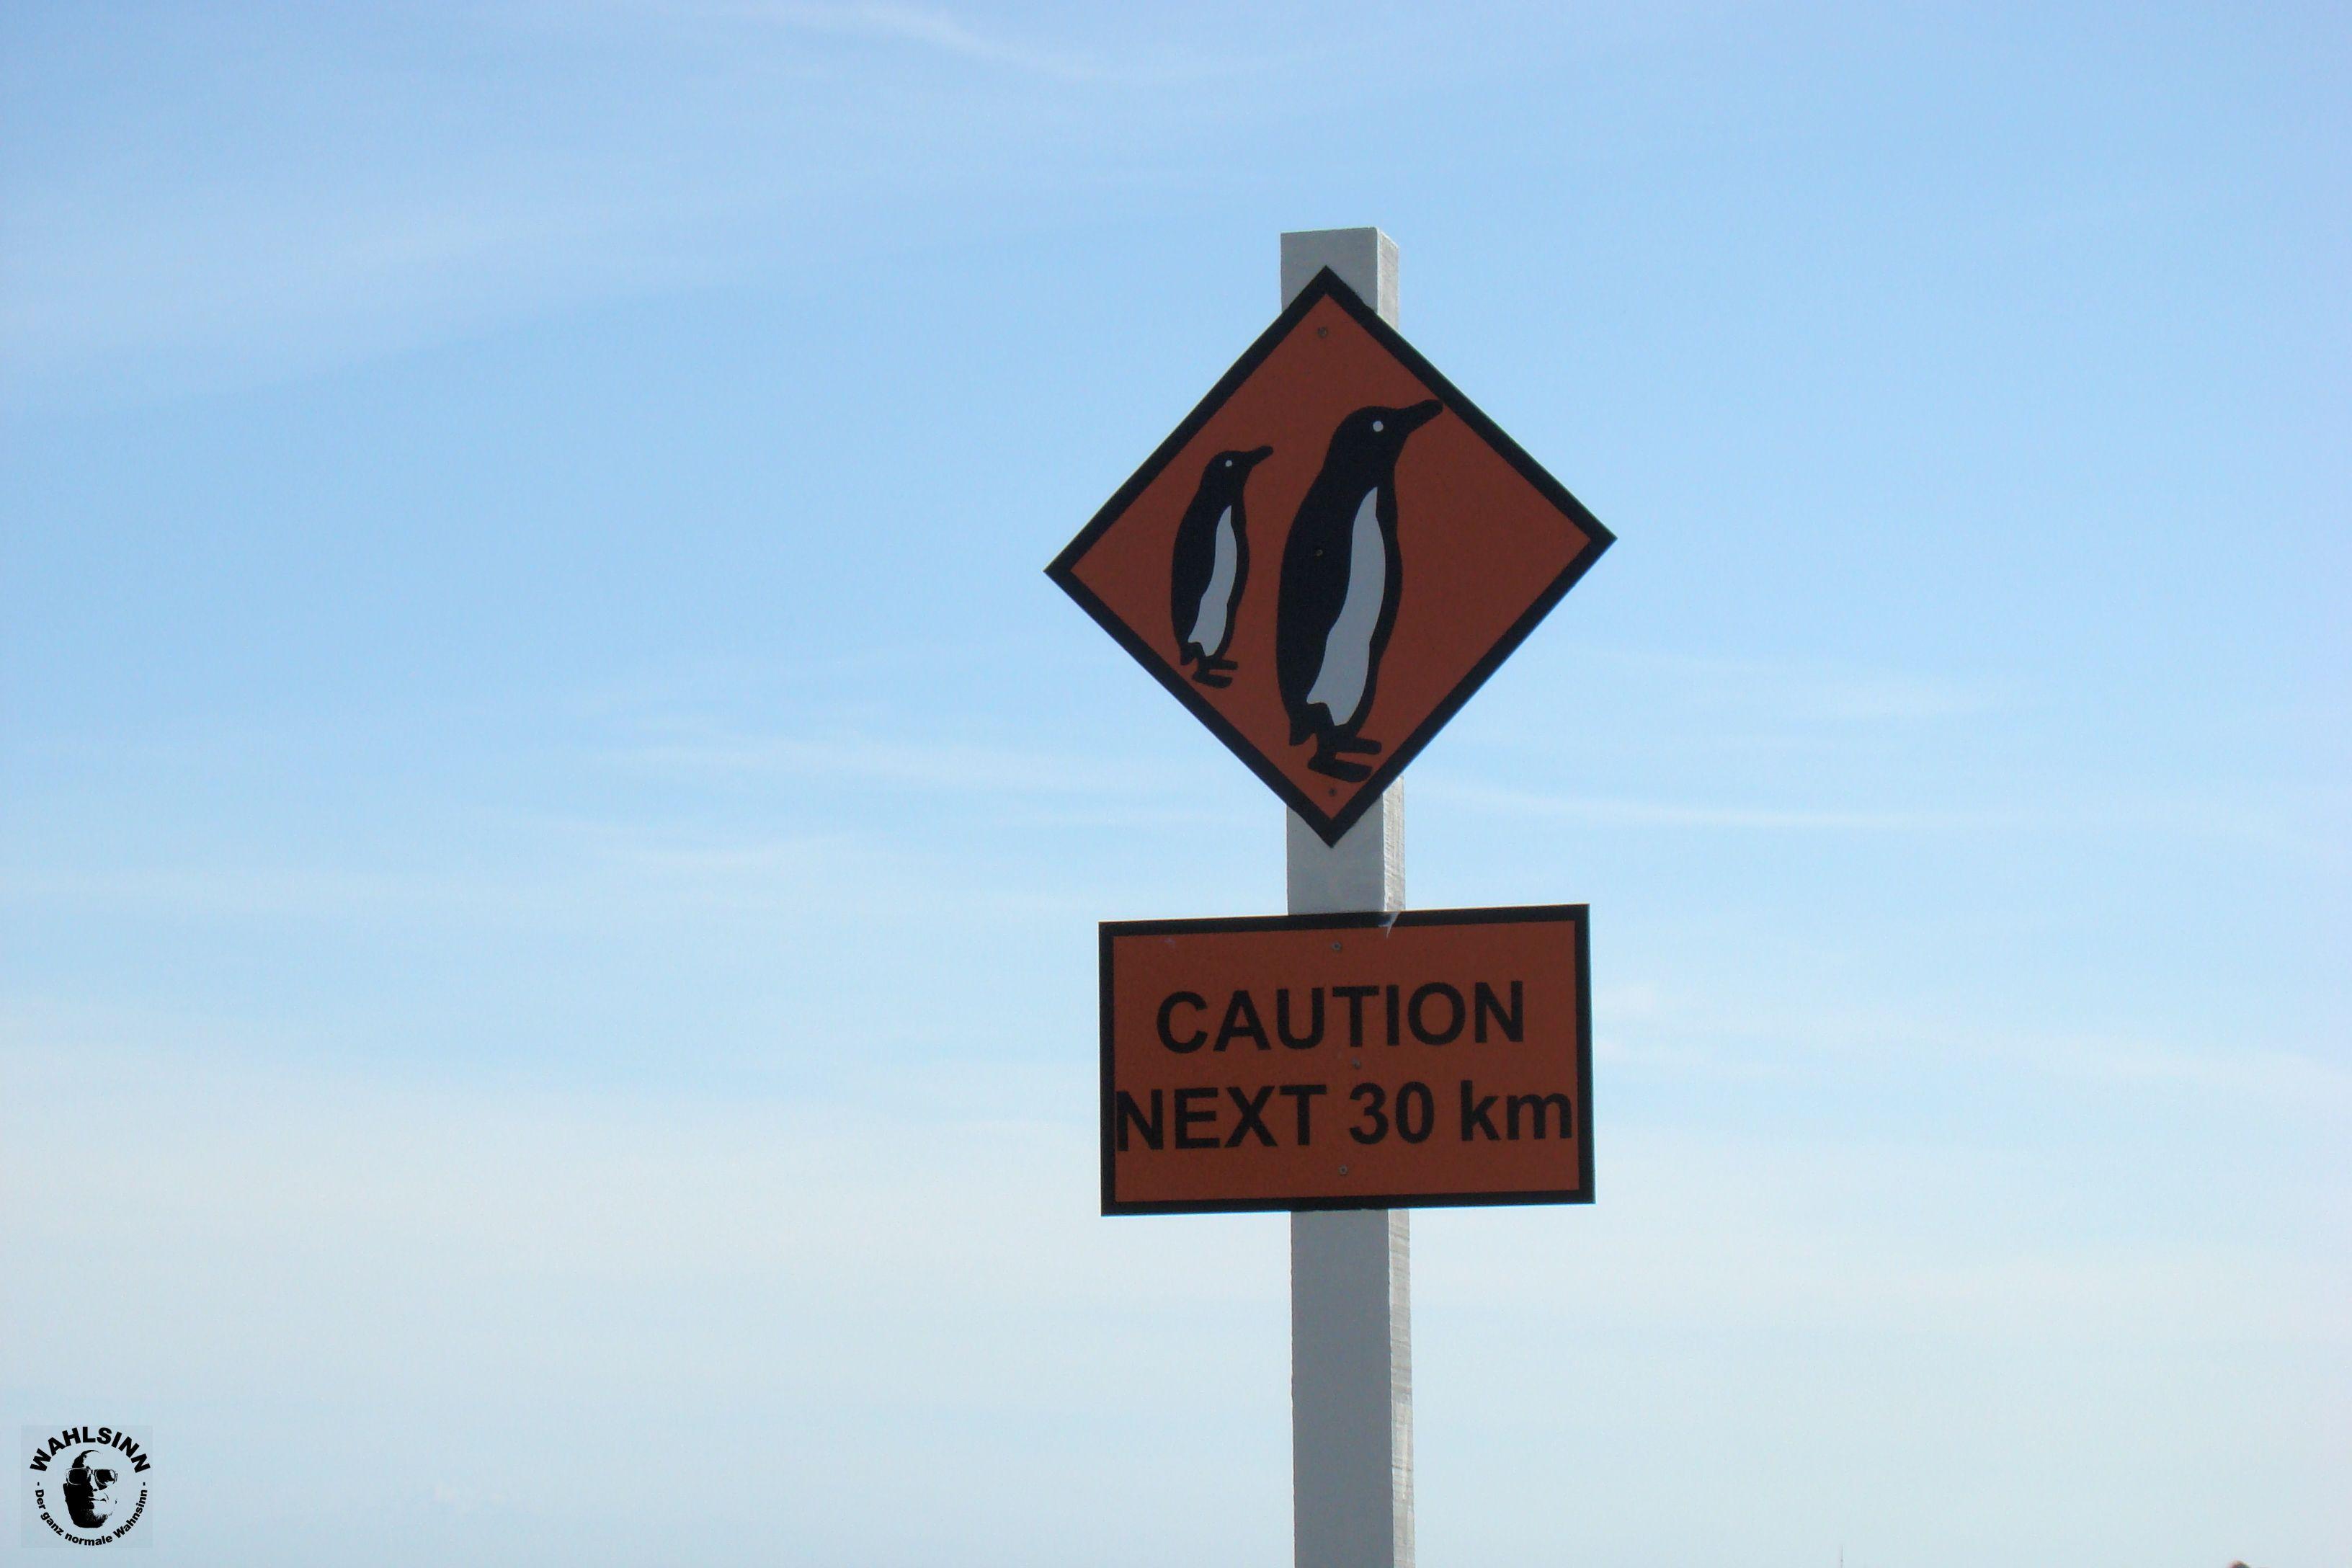 Achtung - in den nächsten 30 km schauen 2 Pinguine in den Himmel